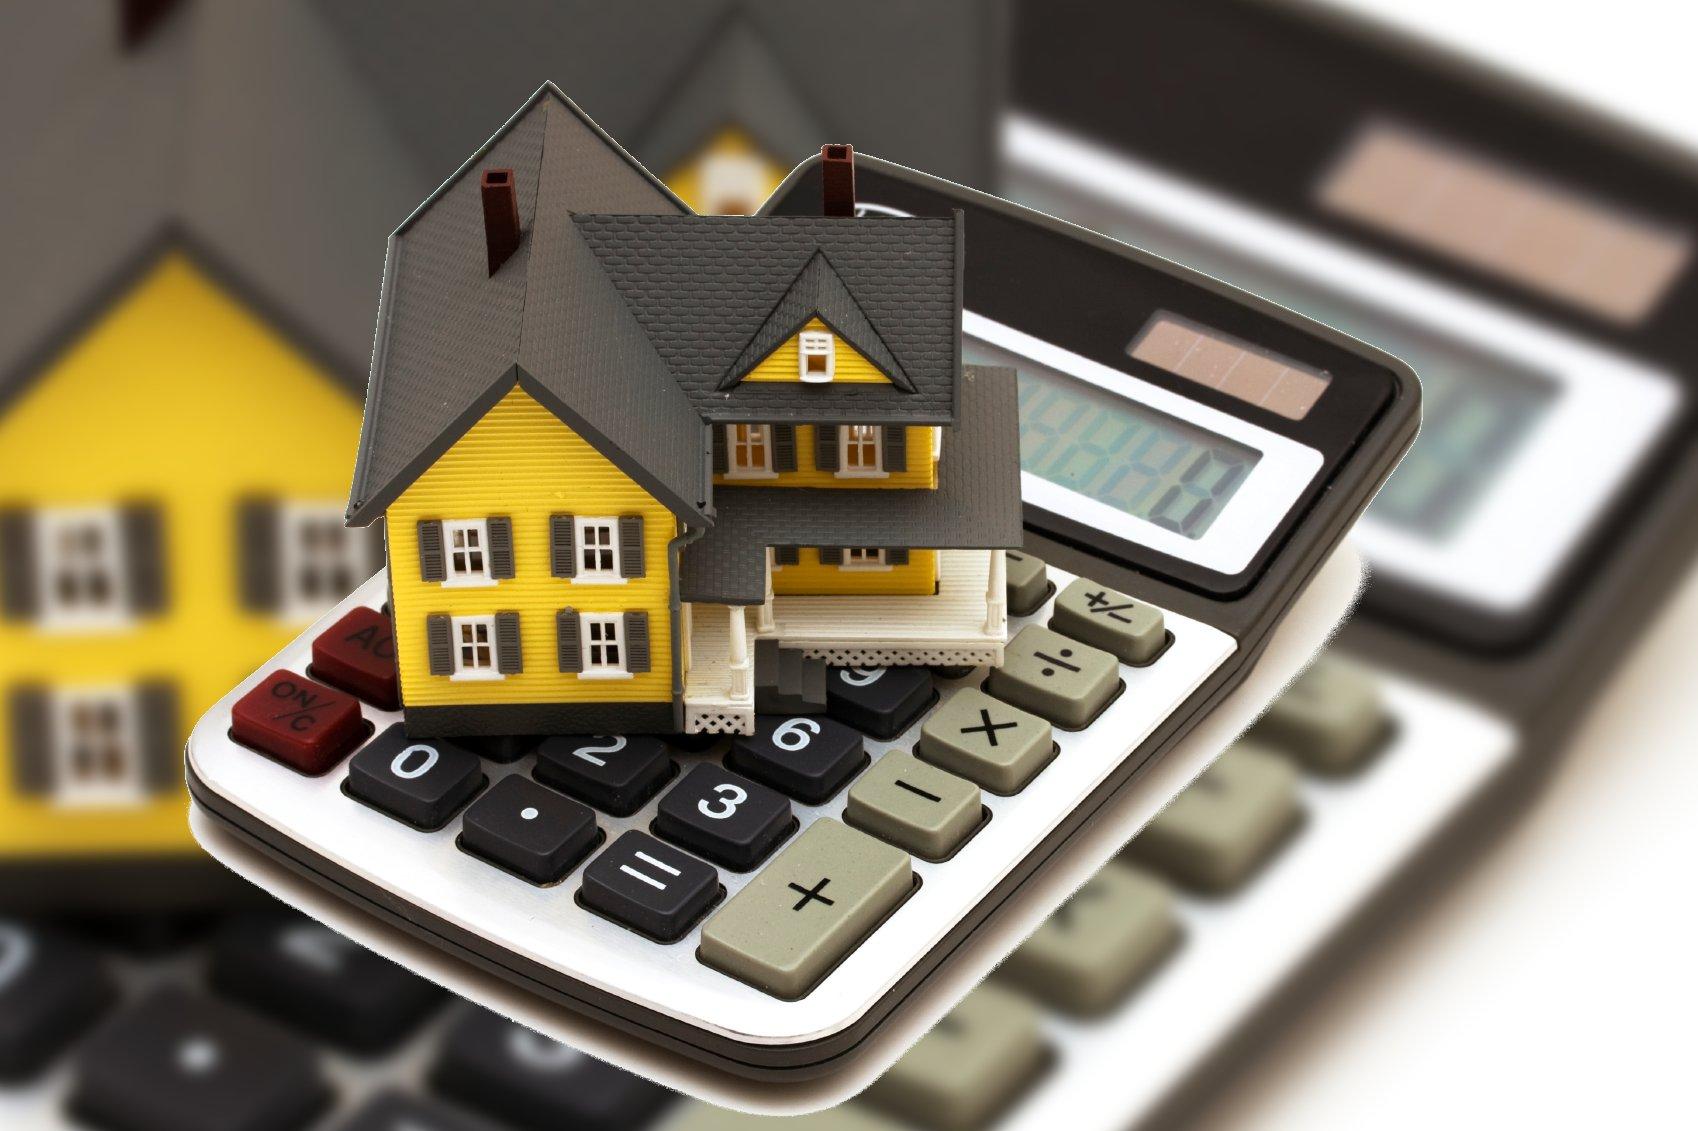 Simulador de credito hipotecario, crédito para tu casa en 5 minutos